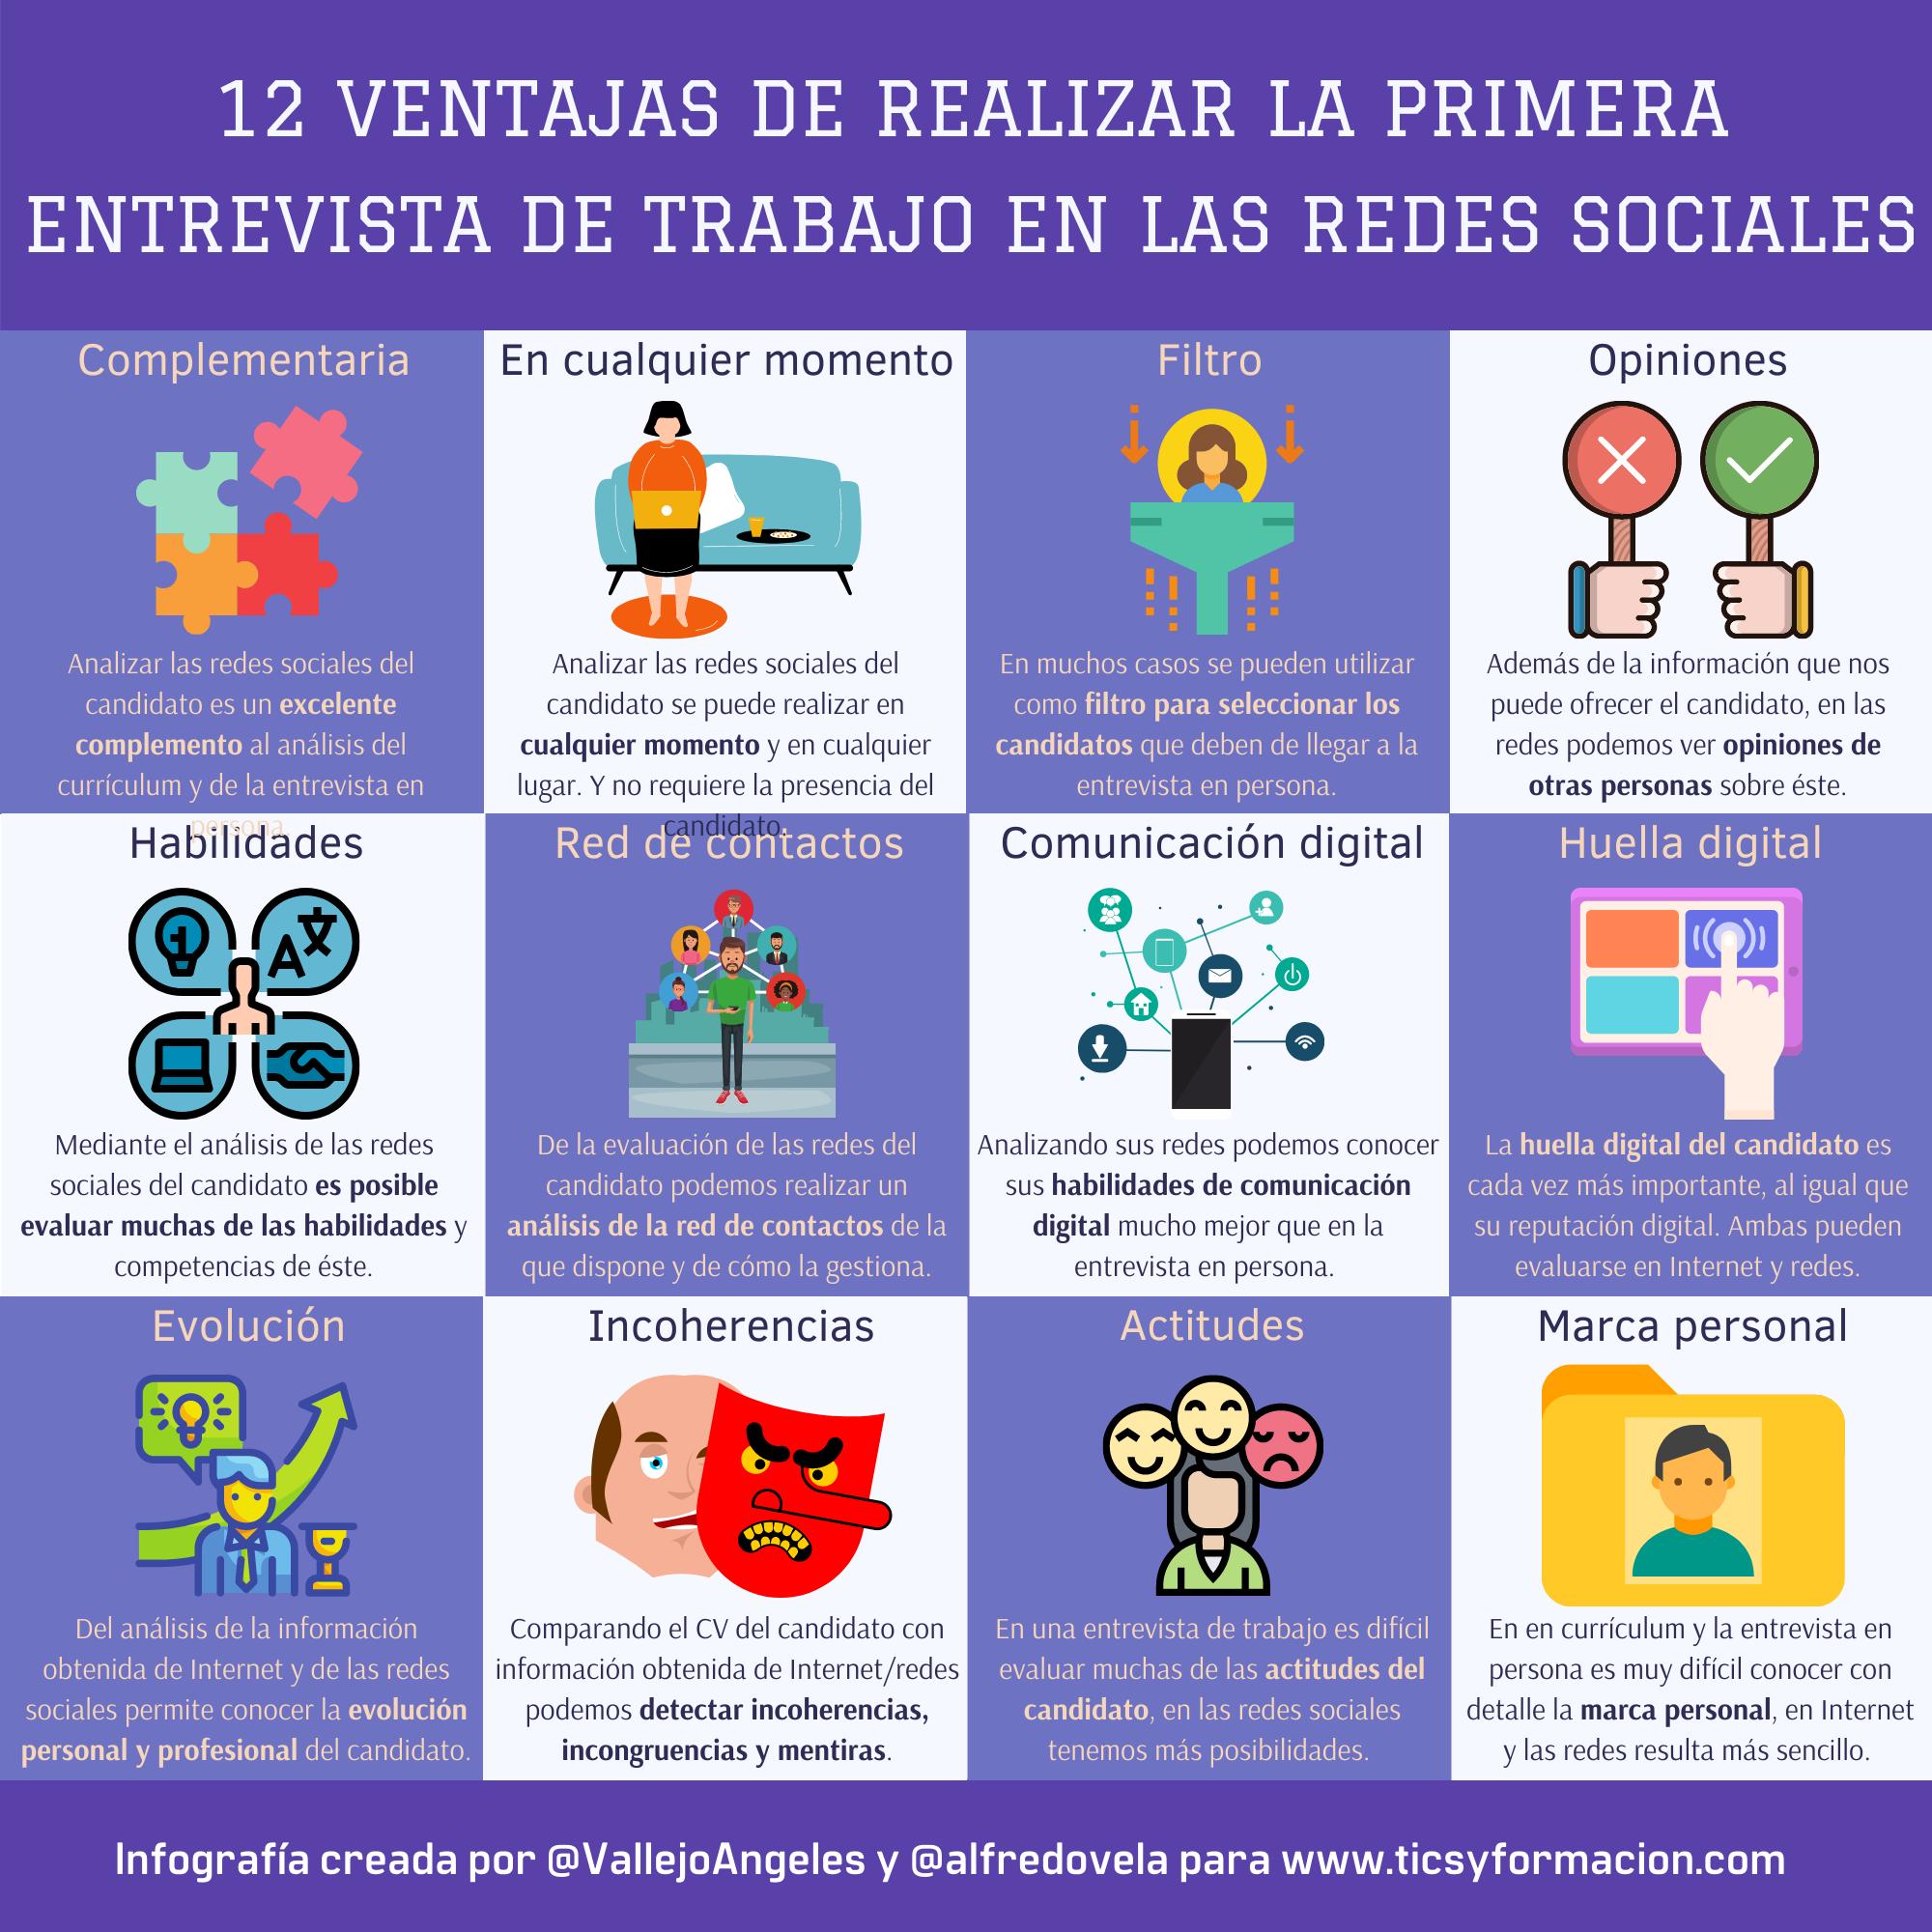 12 ventajas de realizar la primera entrevista de trabajo en redes sociales #infografia #rrhh #socialmedia